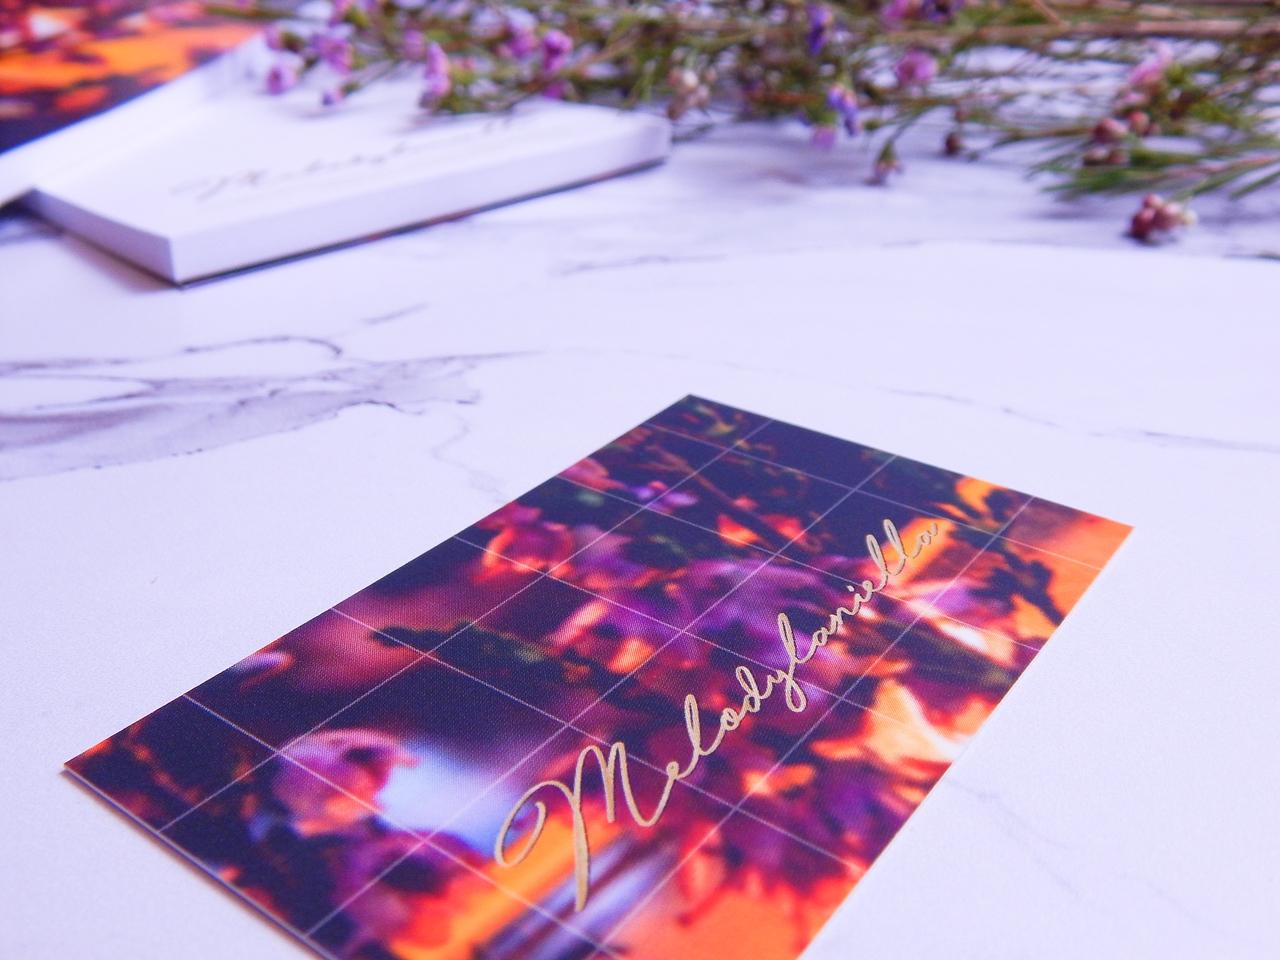 11 colour.me colourme colour me wizytówki druk wizytówek notesów kompleksowa obsługa firm gdzie wydrukować wizytówki zaproszenia kartki świąteczne melodylaniella recenzja